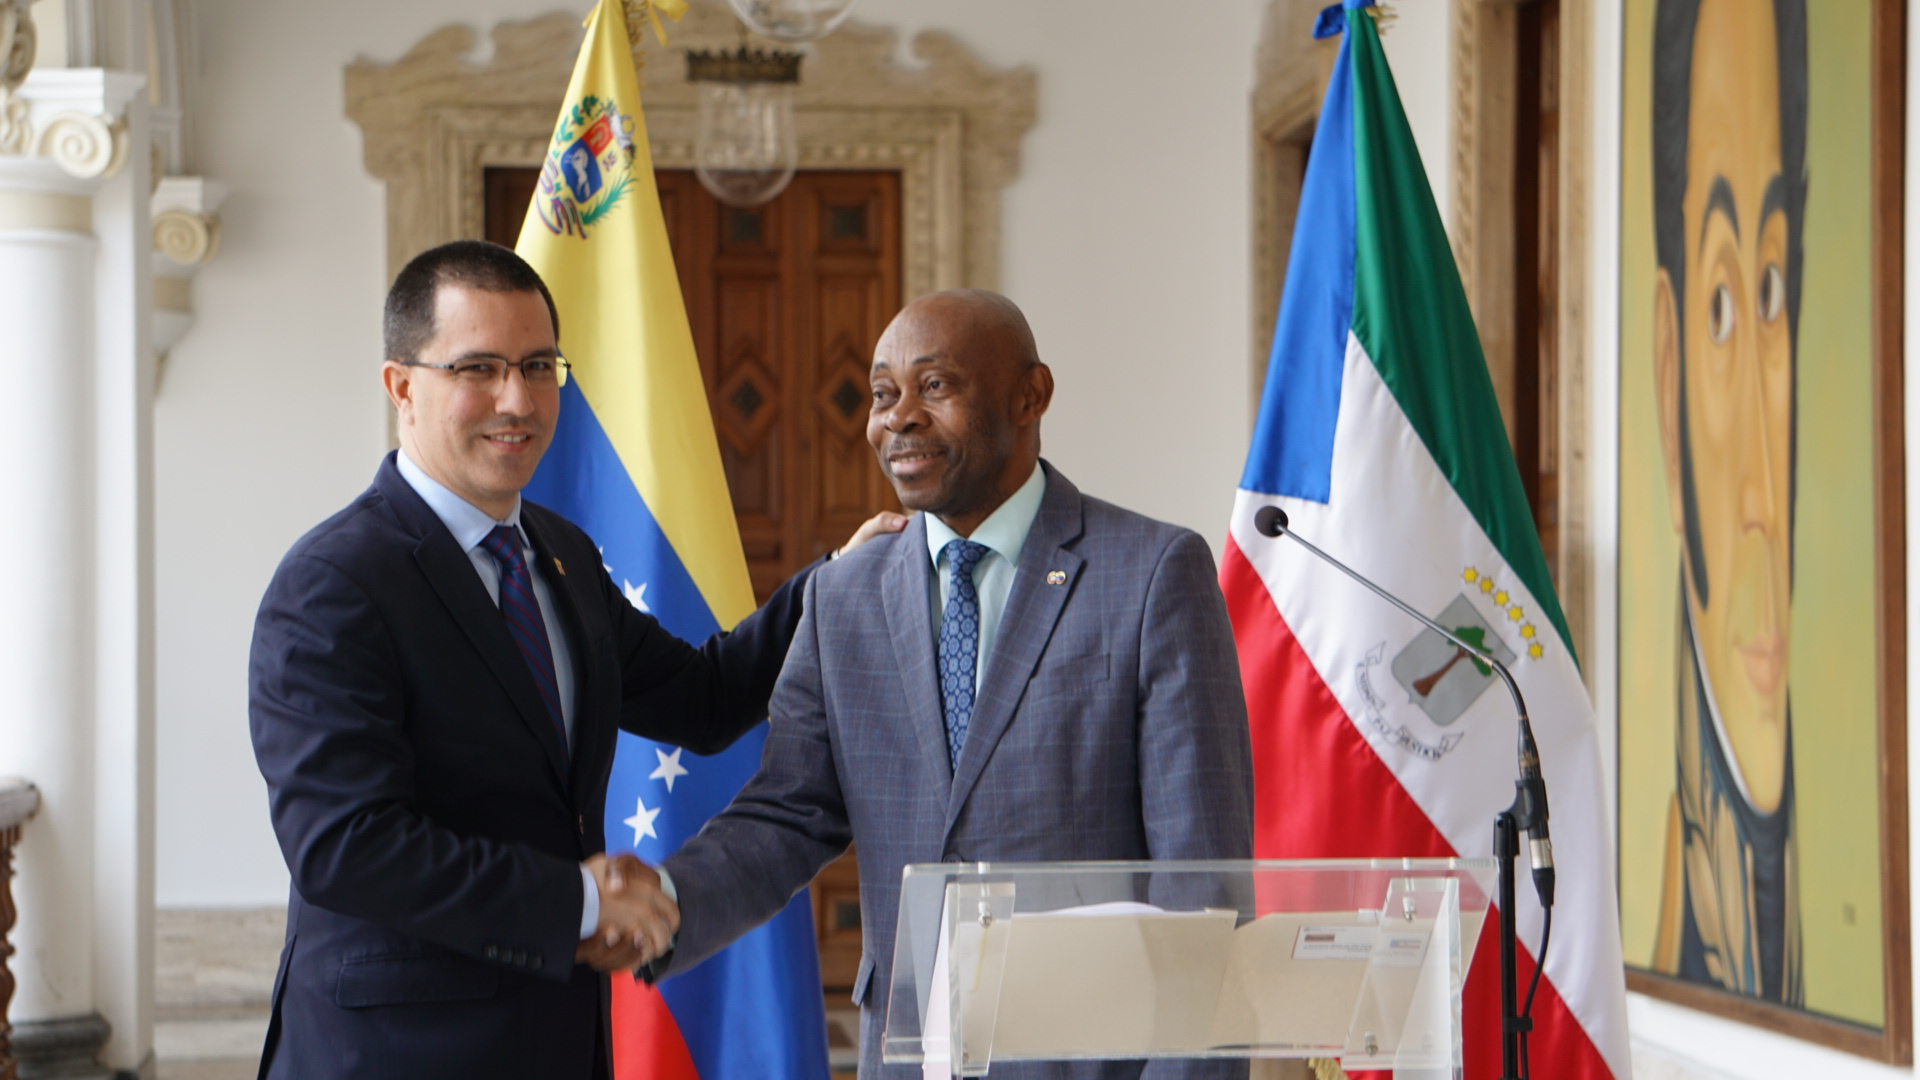 Primera comisión mixta de alto nivel entre Guinea Ecuatorial y la República Bolivariana de Venezuela